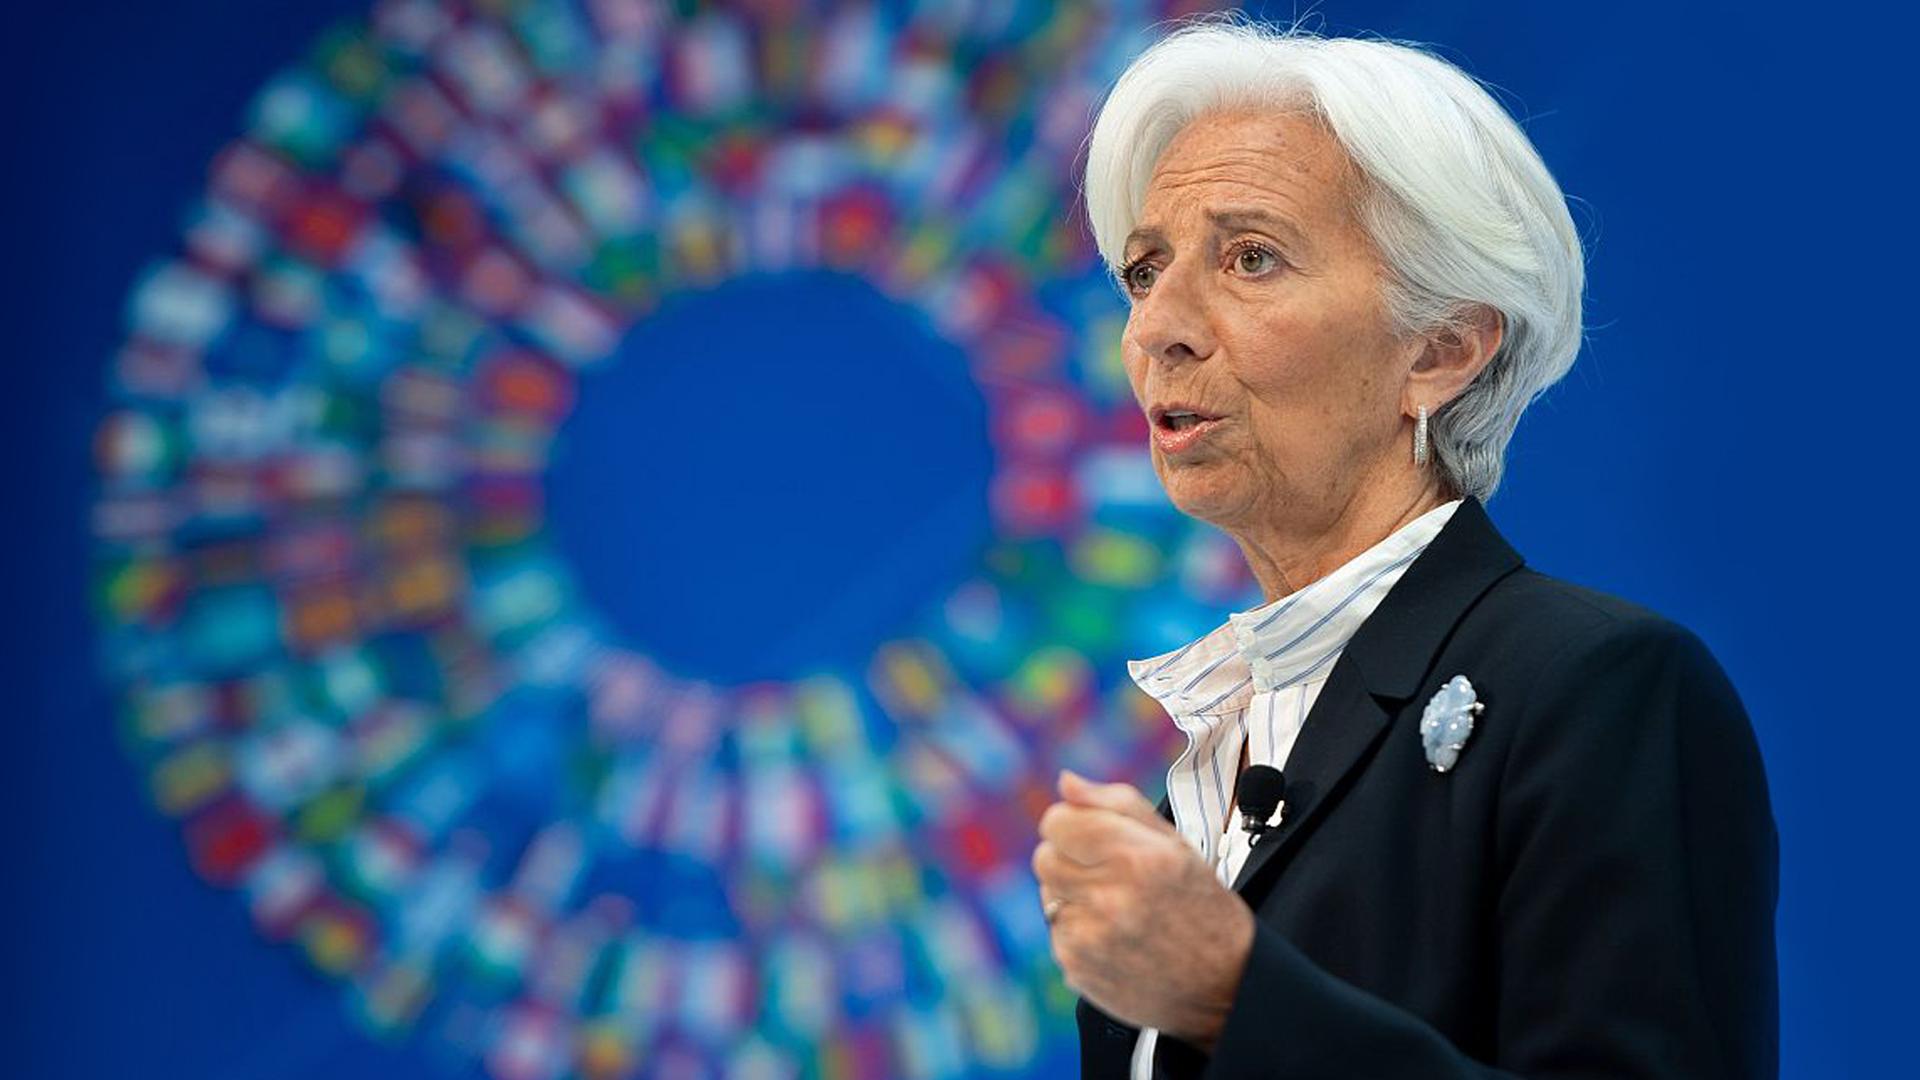 Avrupa Merkez Bankasi Başkani Dijital Para Projesinden Bahsetti